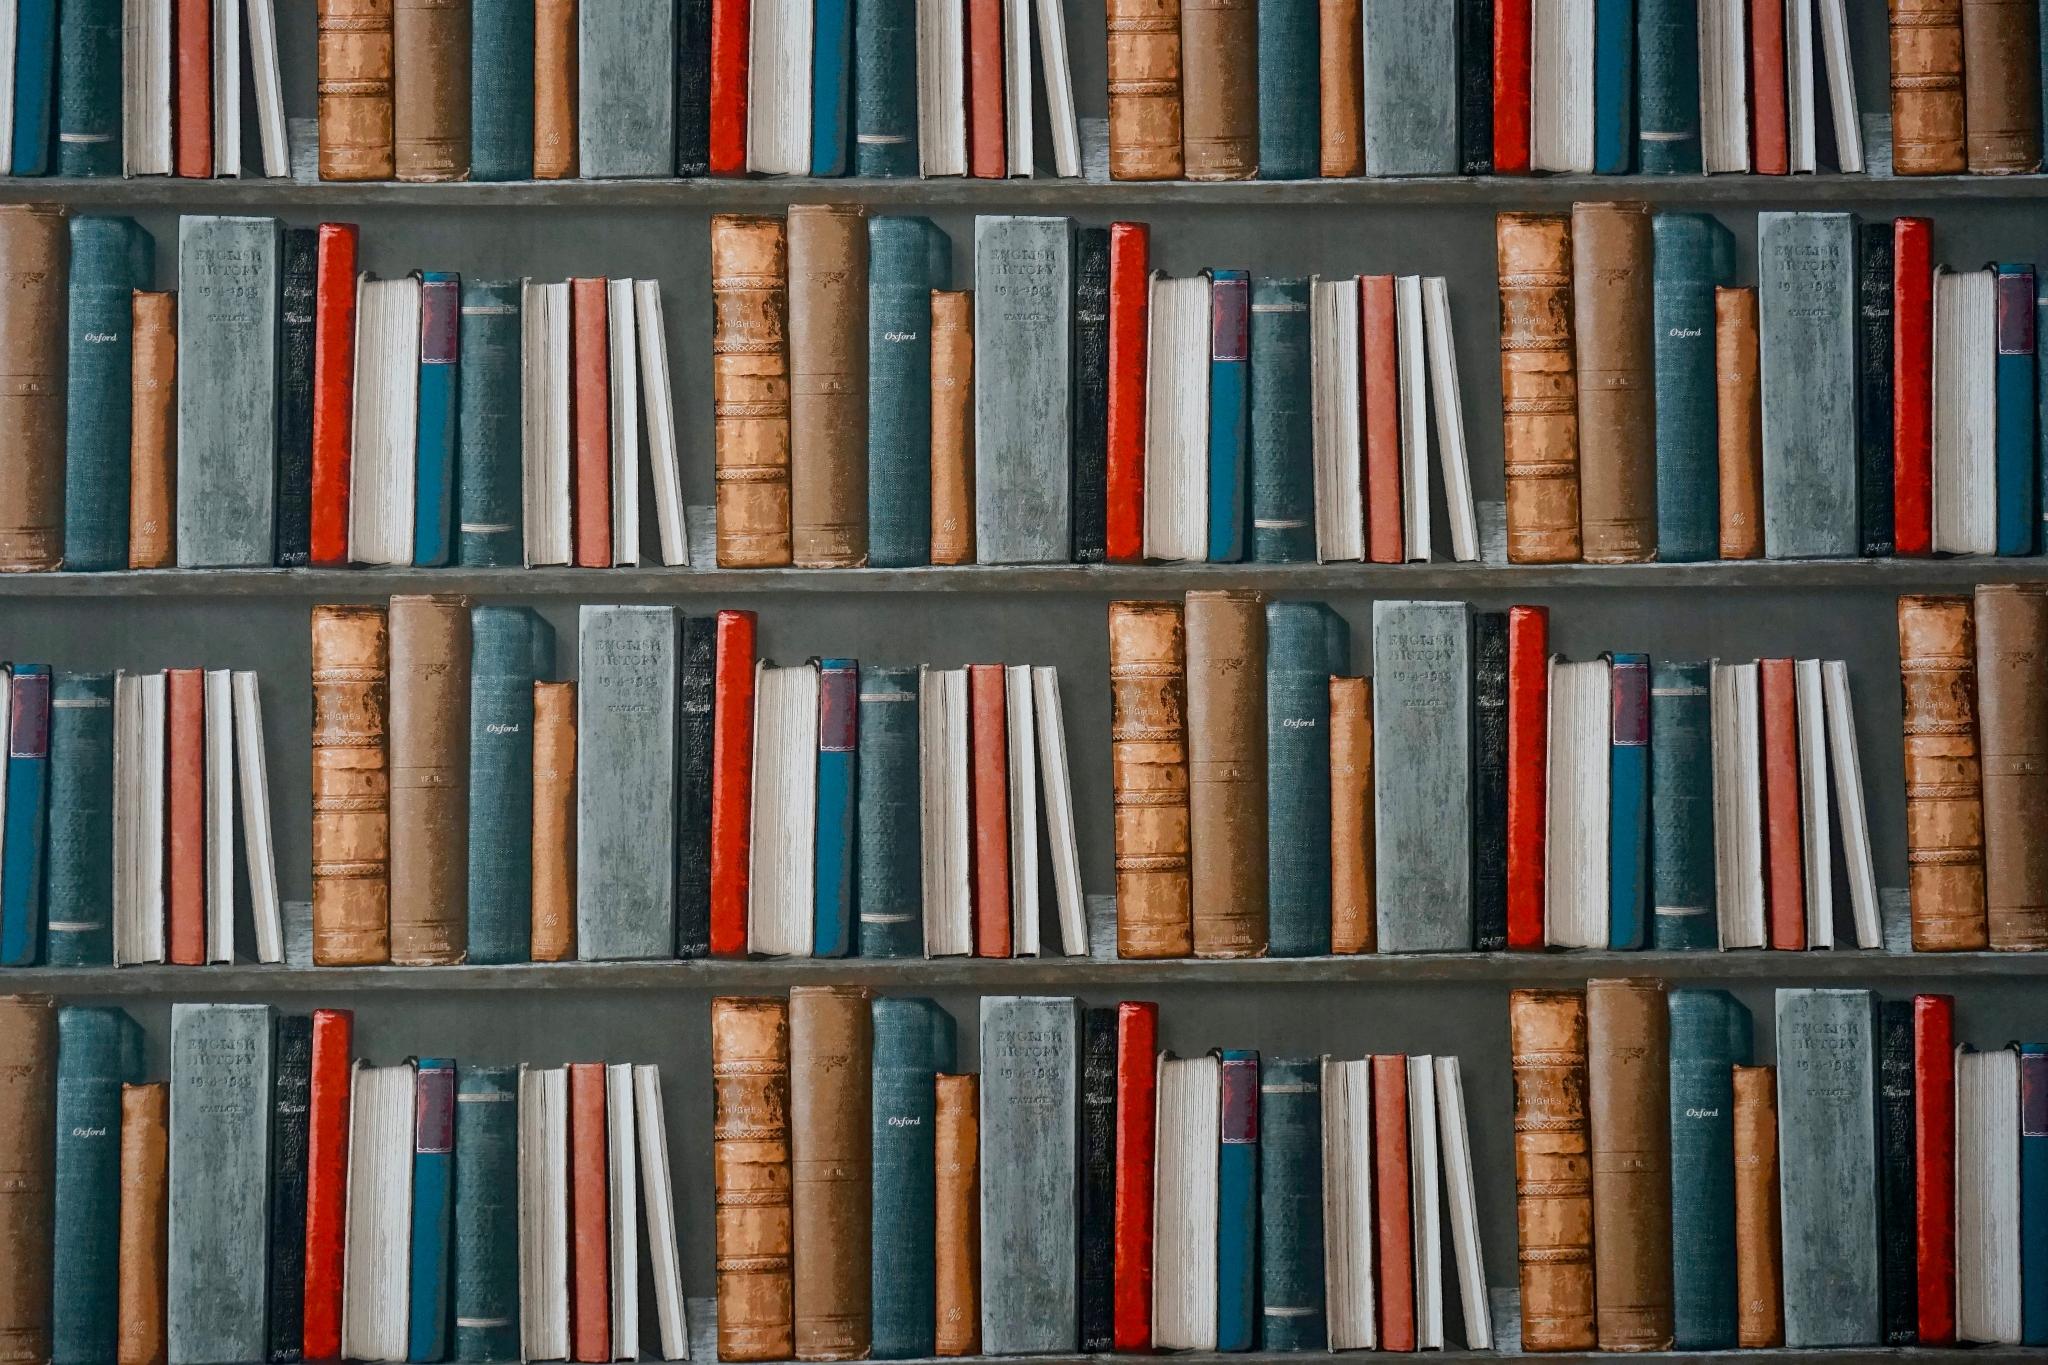 shalom101 book shelf and books